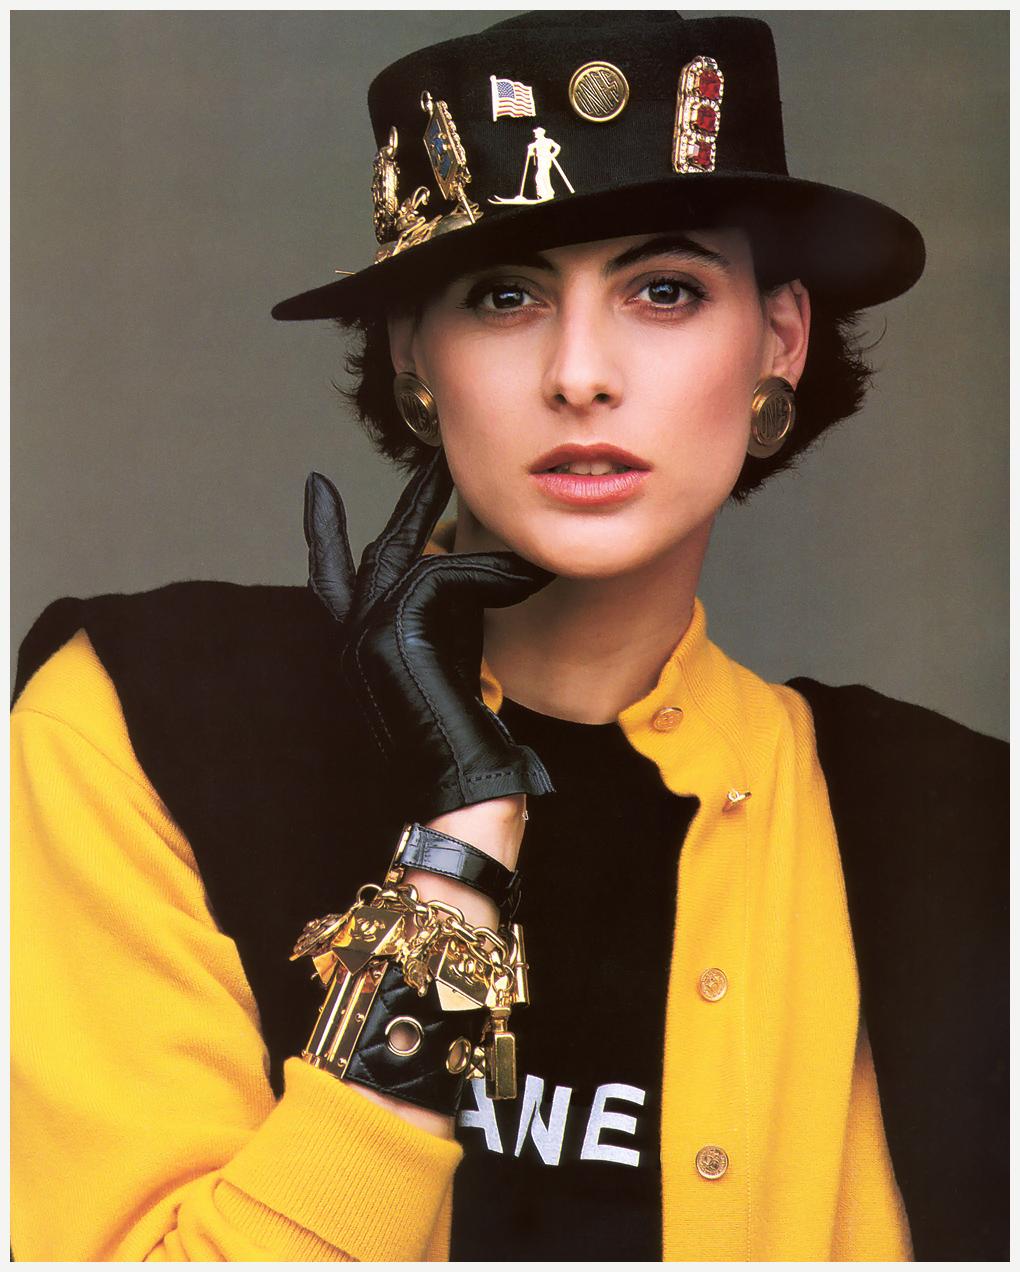 Handbag Lagerfeld Collection Karl